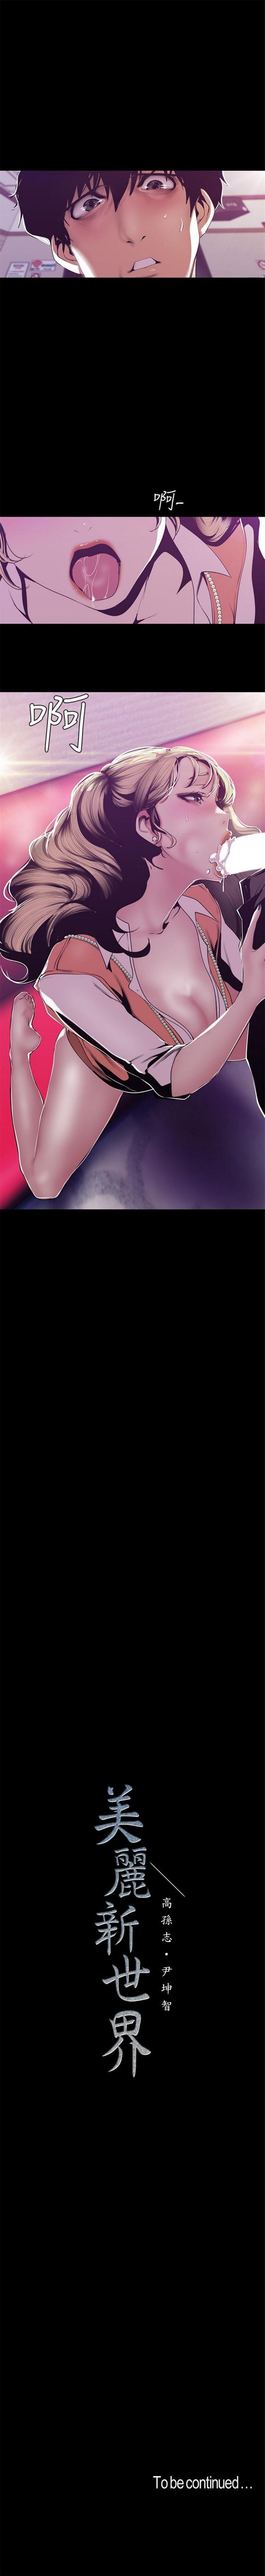 美麗新世界 1-85 官方中文(連載中) 618